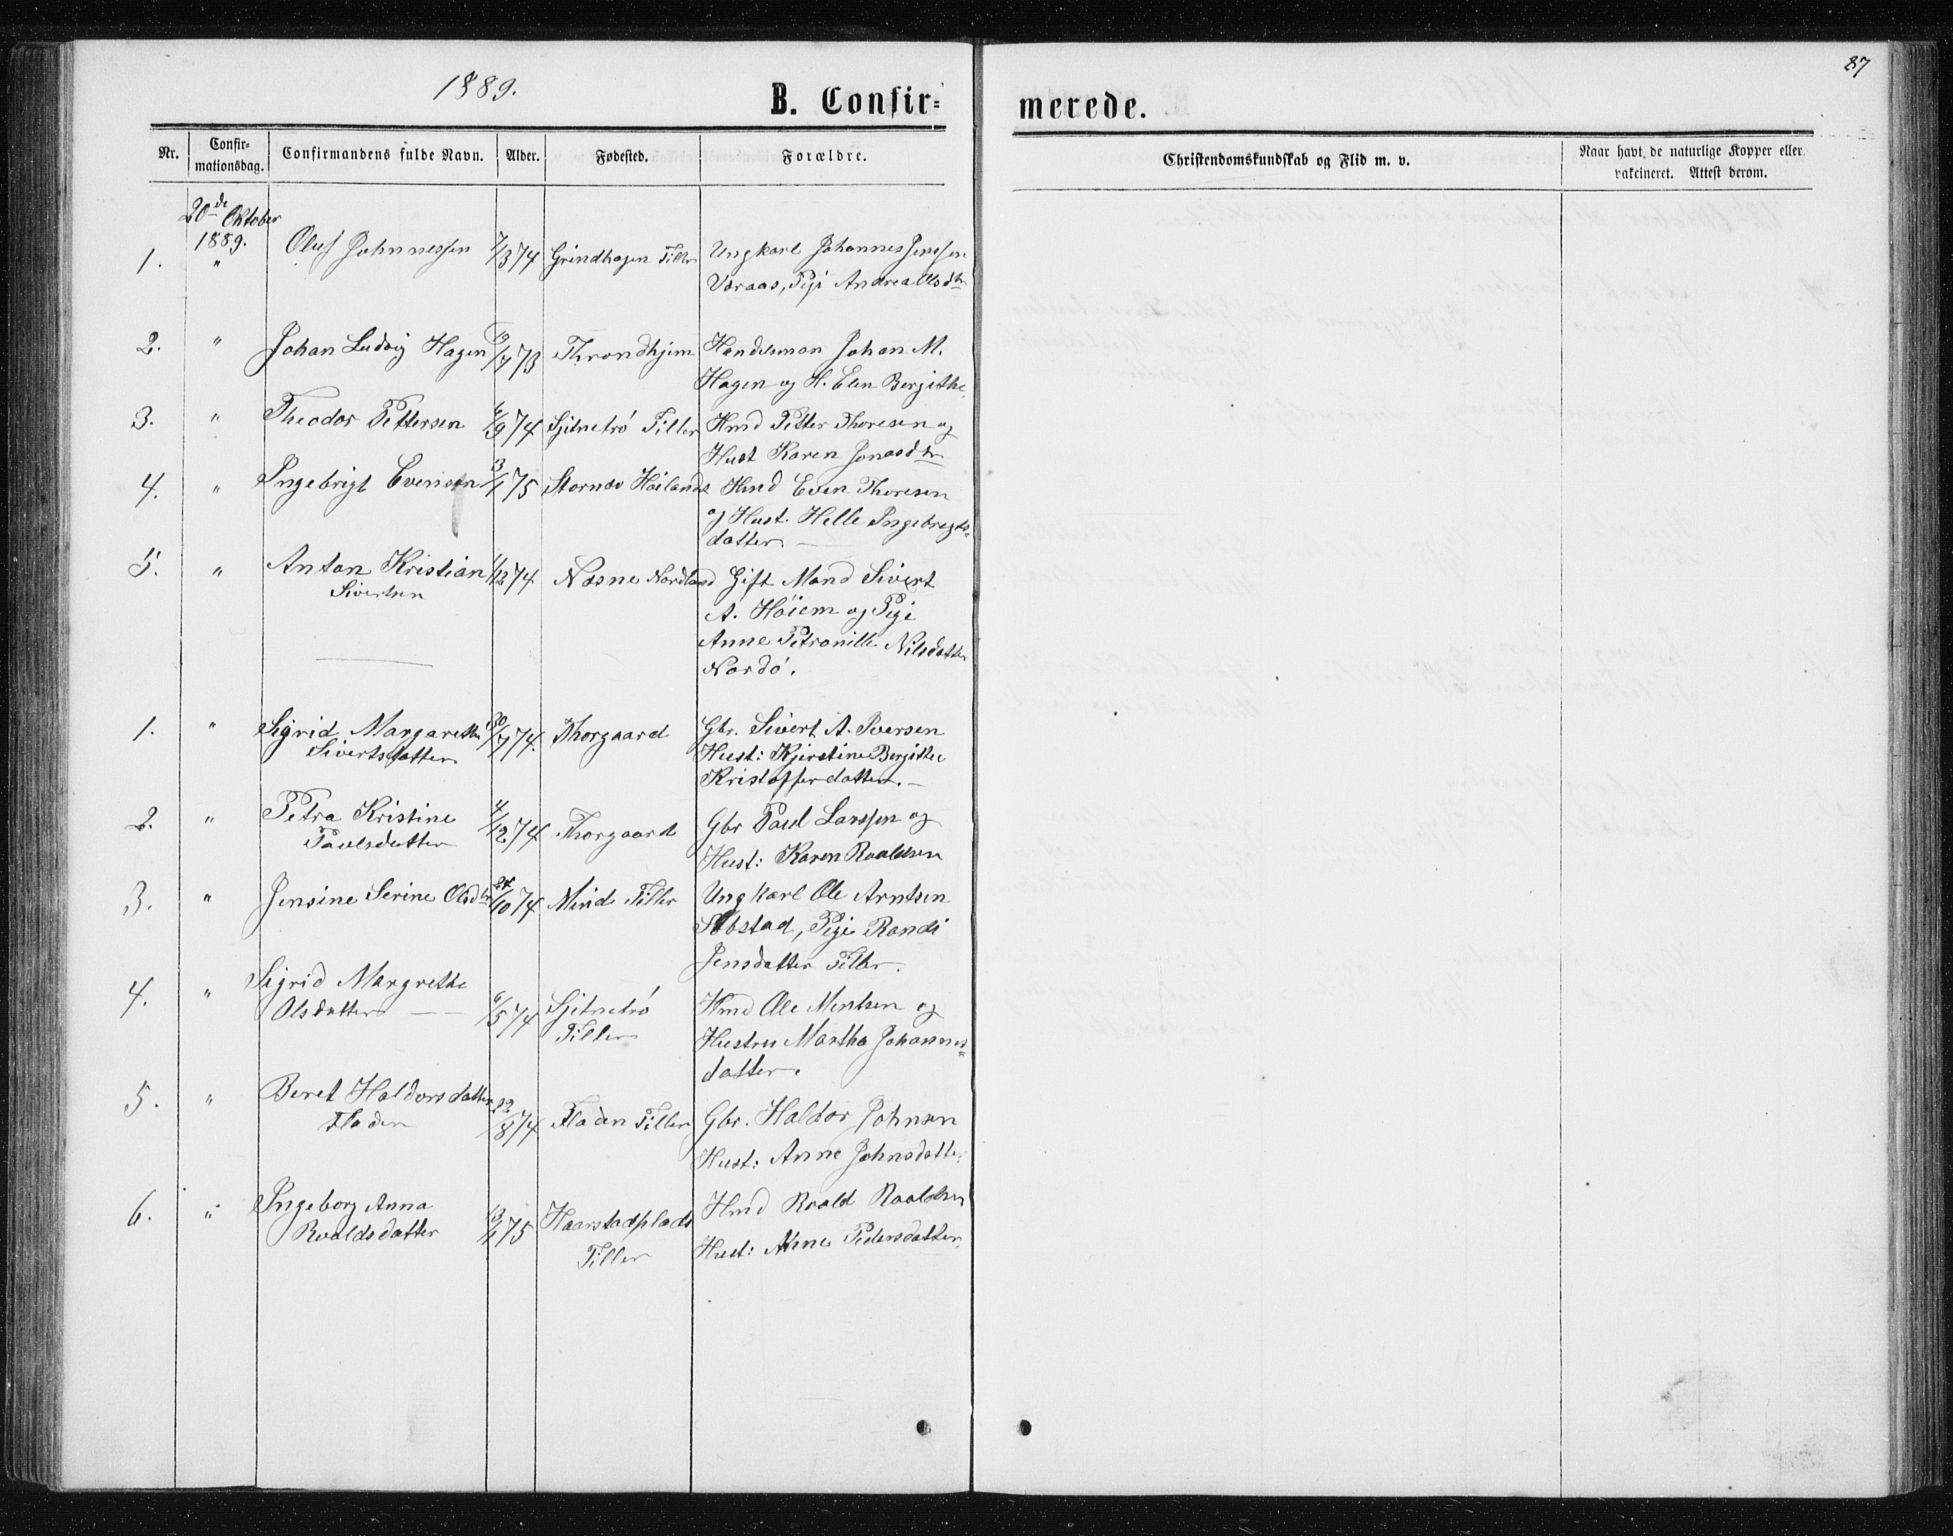 SAT, Ministerialprotokoller, klokkerbøker og fødselsregistre - Sør-Trøndelag, 621/L0459: Klokkerbok nr. 621C02, 1866-1895, s. 87